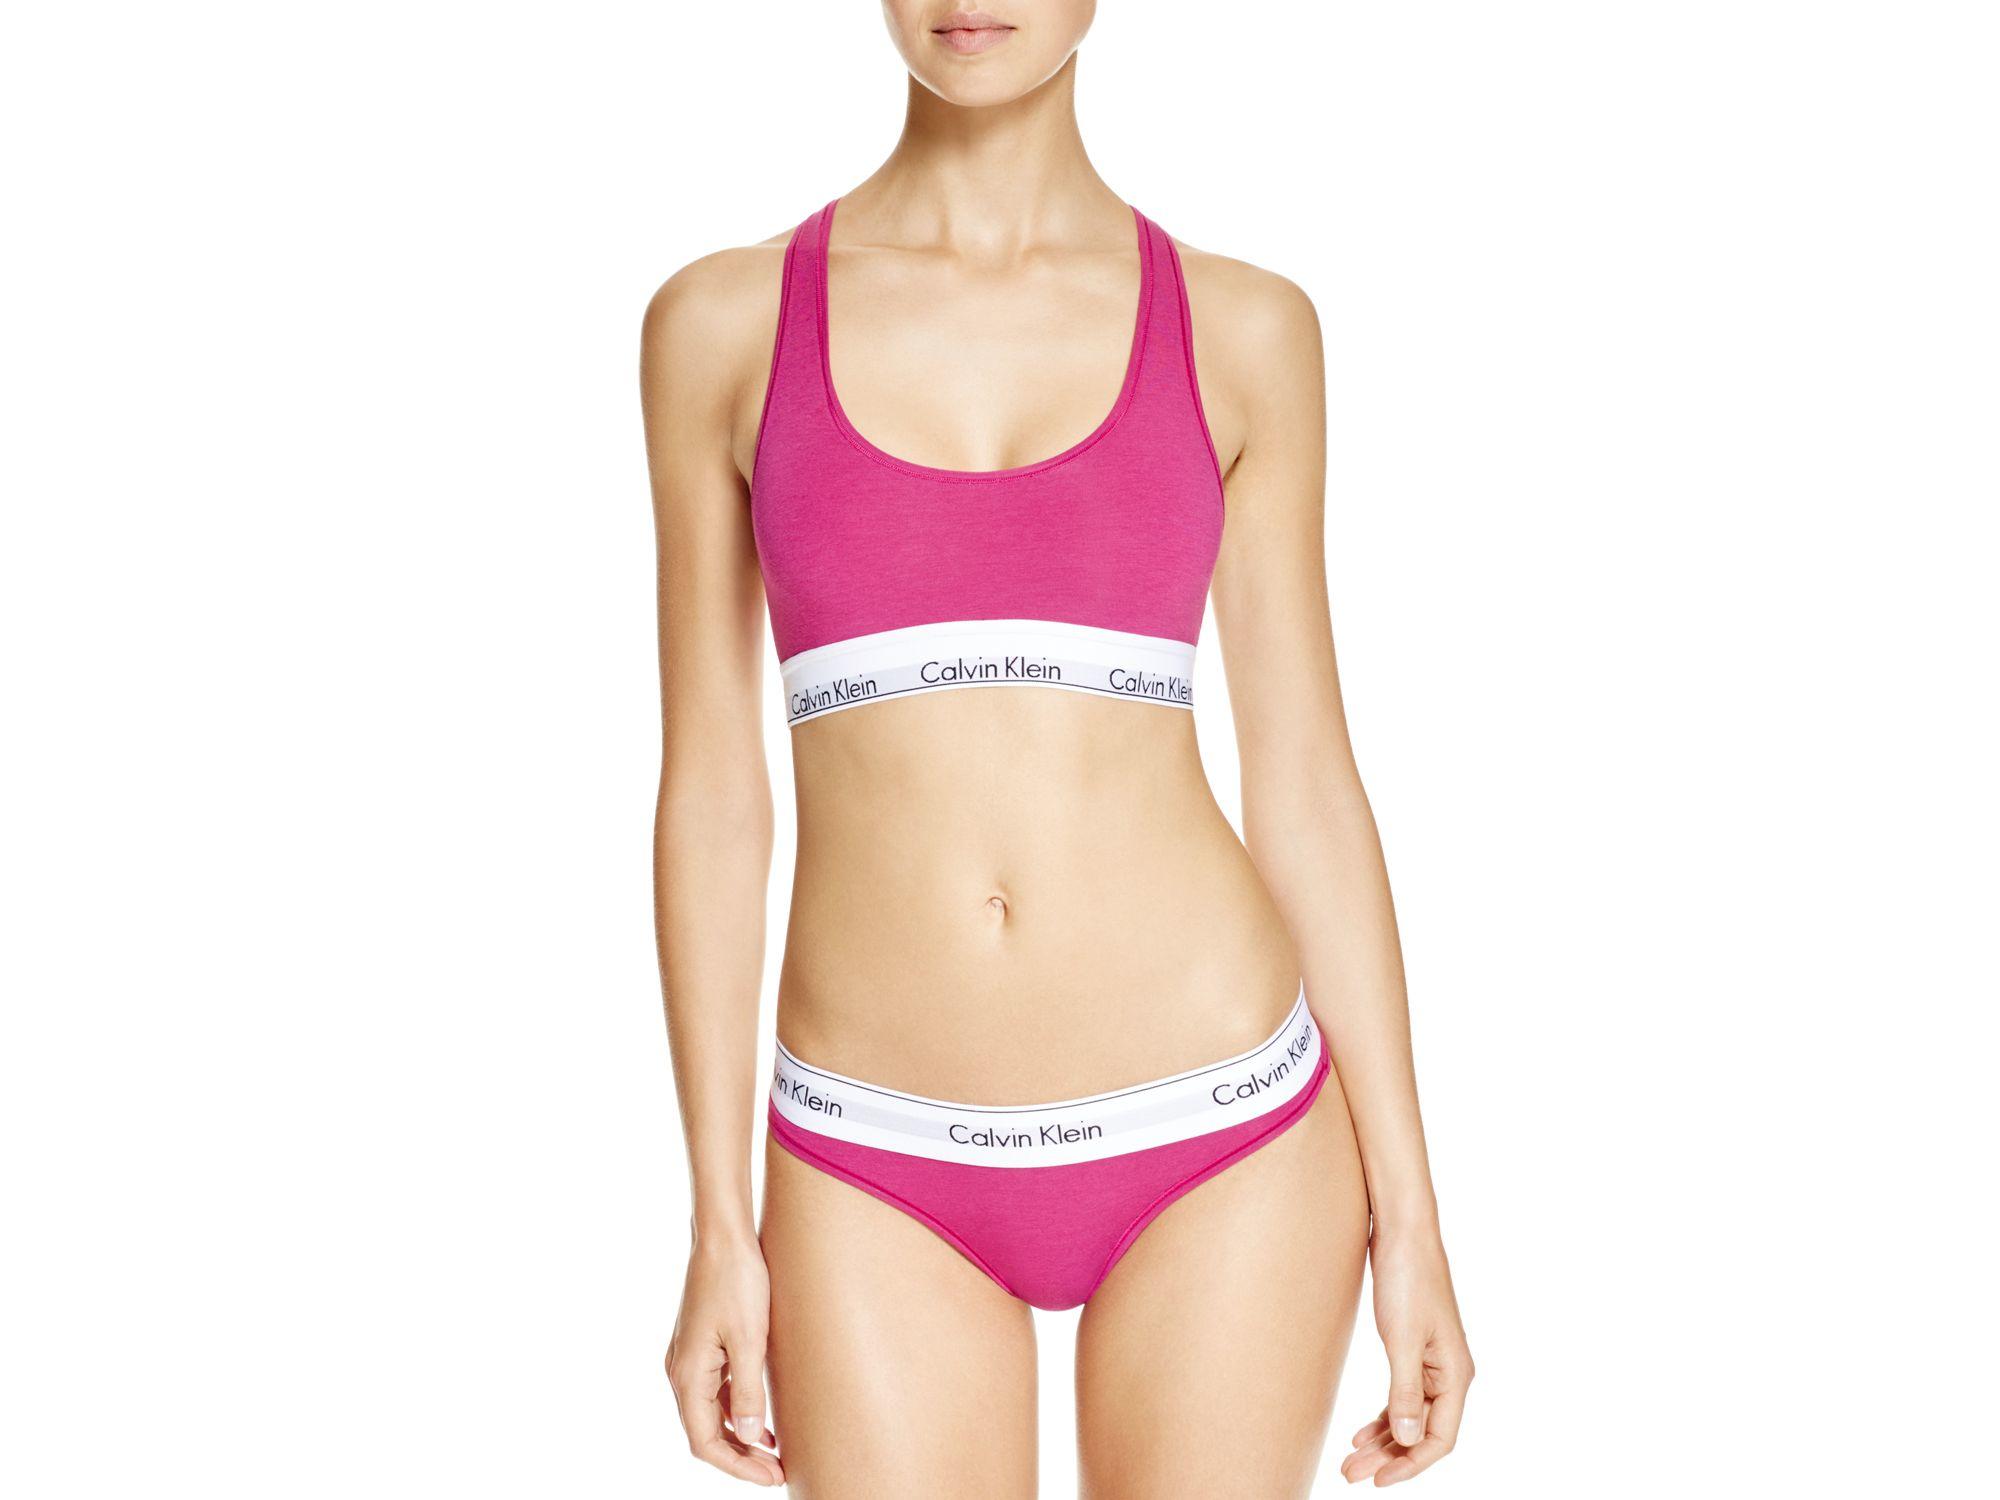 c8dc94f037 Calvin Klein Bralette - Modern Cotton  f3785 in Pink - Lyst